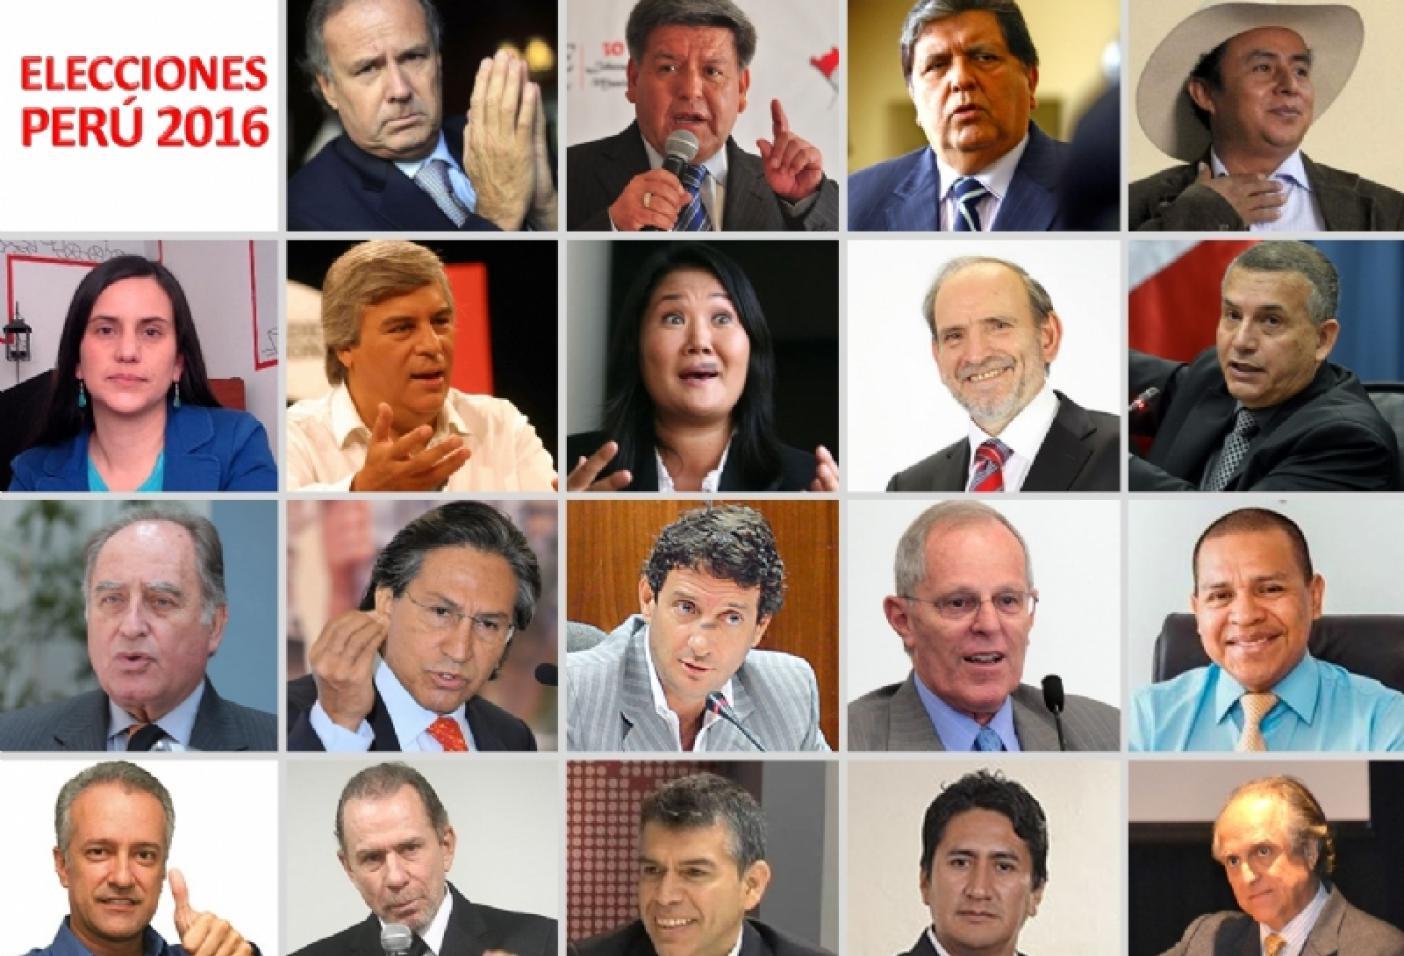 Résultats des élections péruviennes : choix entre la peste et le choléra pour le 5 juin